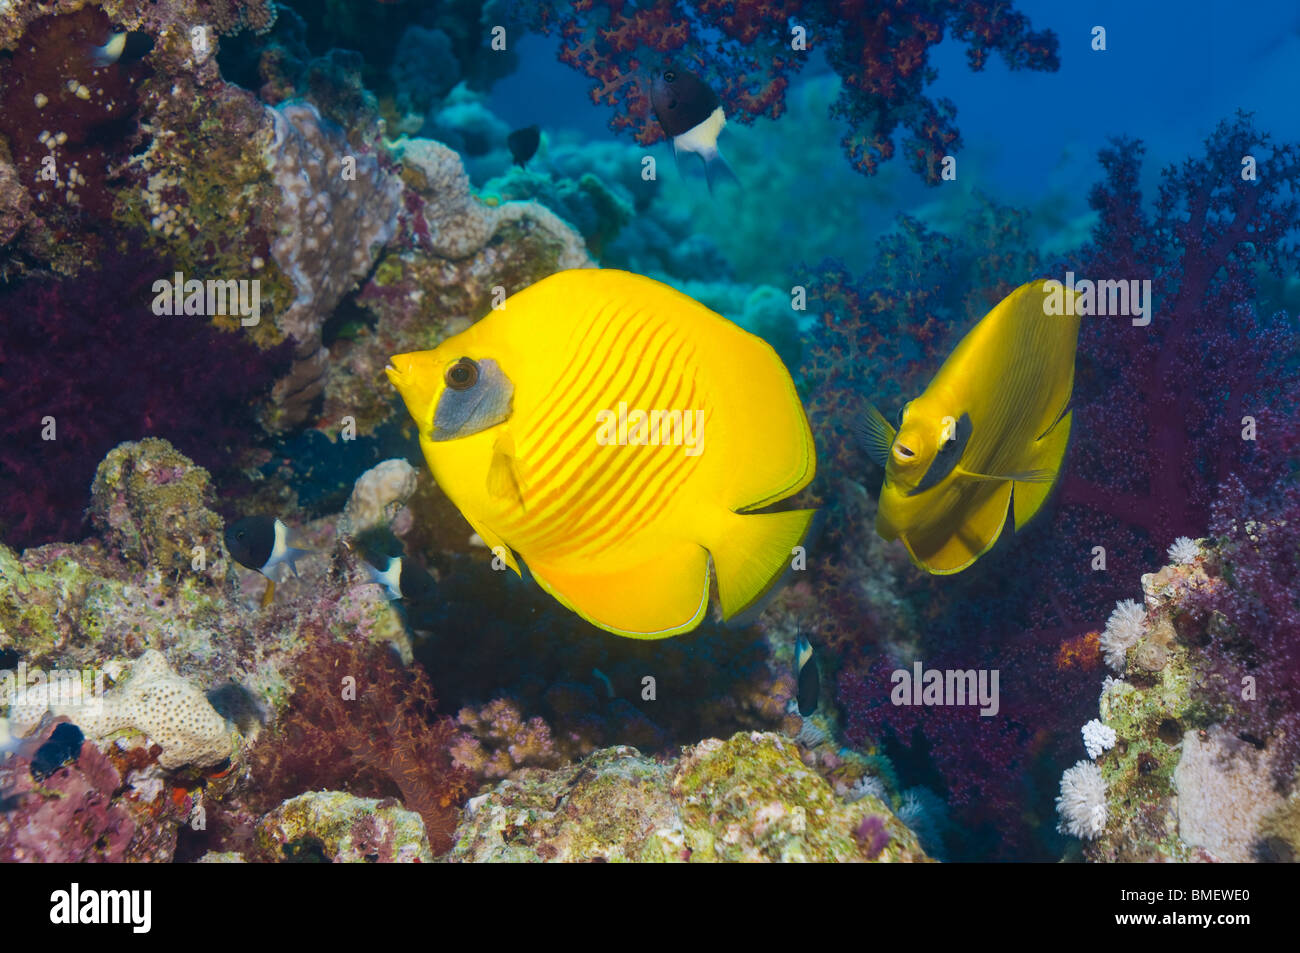 Golden butterflyfish sulla barriera corallina. Egitto, Mar Rosso. Immagini Stock